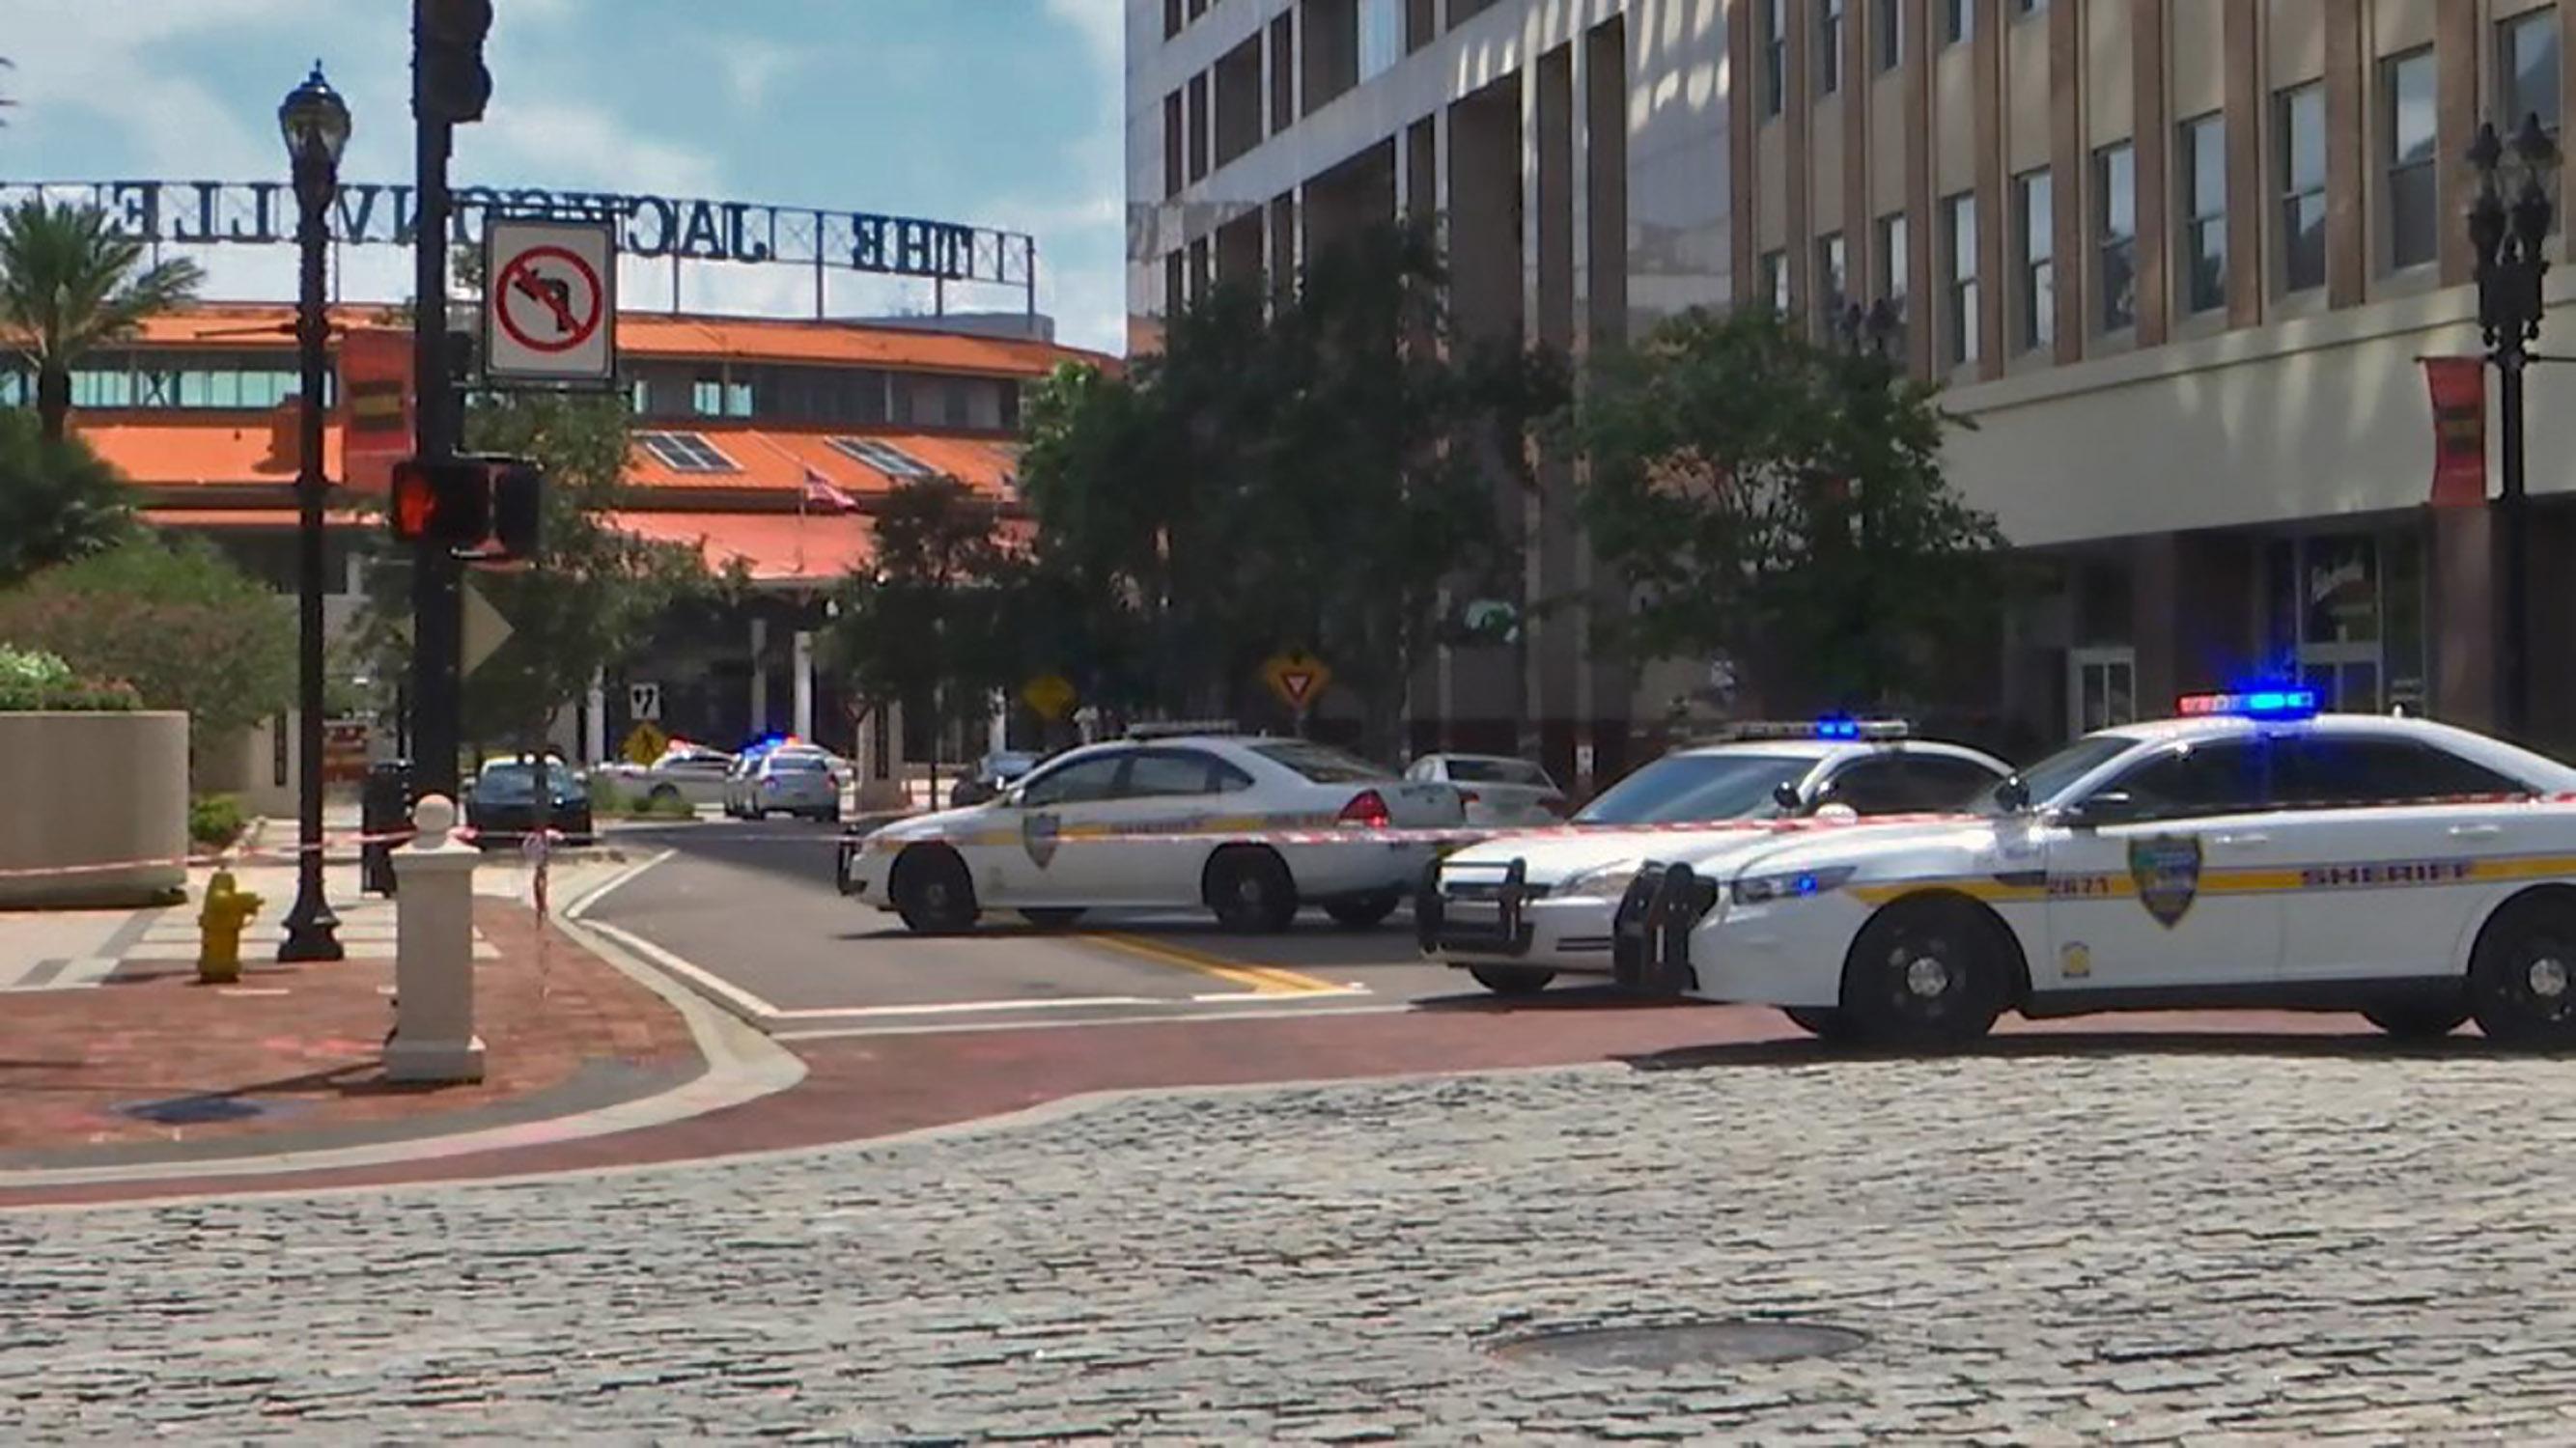 Lövöldözés történt egy floridai videójáték-bajnokságon, négyen meghaltak